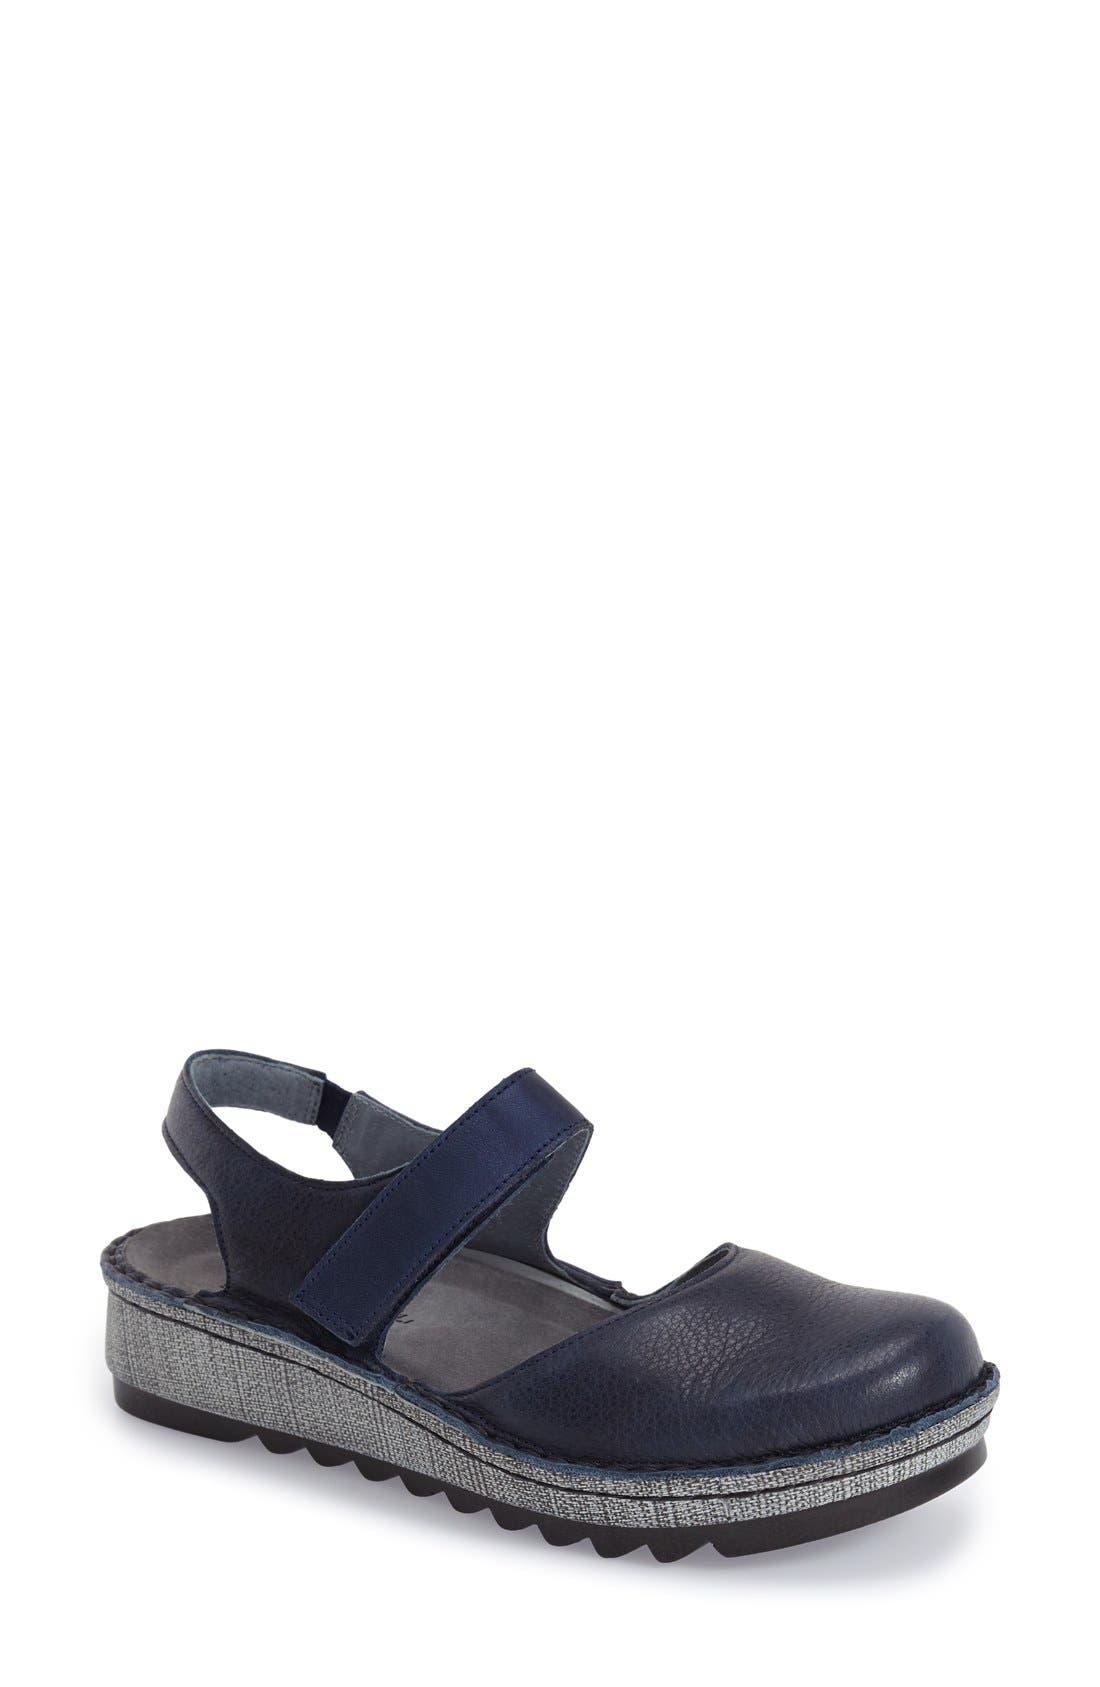 'Lantana' Sandal,                             Main thumbnail 1, color,                             400